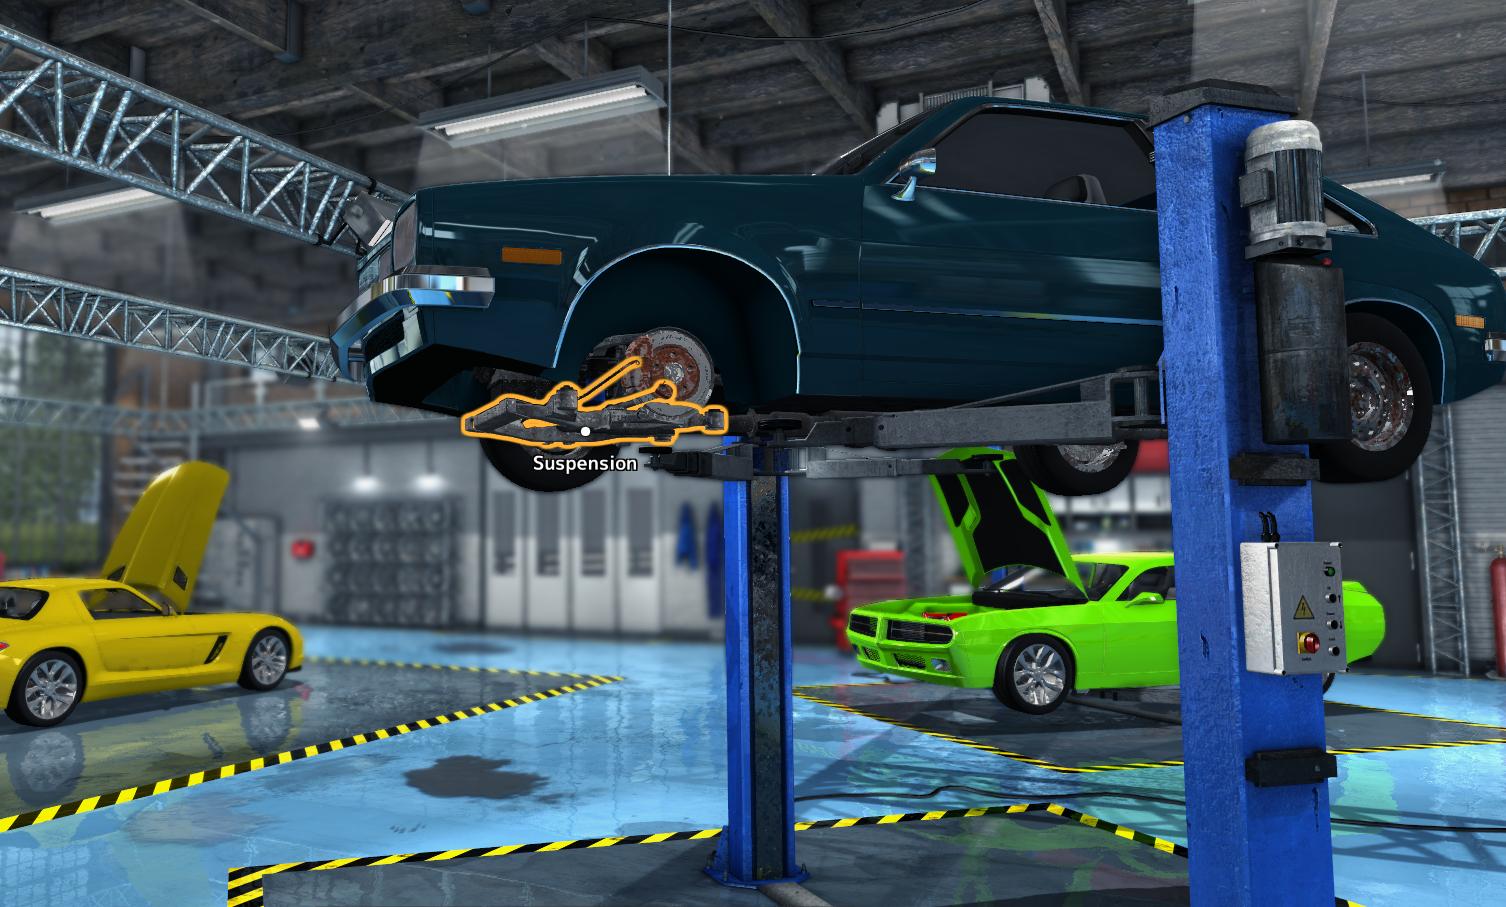 Car Mechanic Simulator 2015 Mods >> How To Make Car Mechanic Simulator 2015 The Best Sim Ever